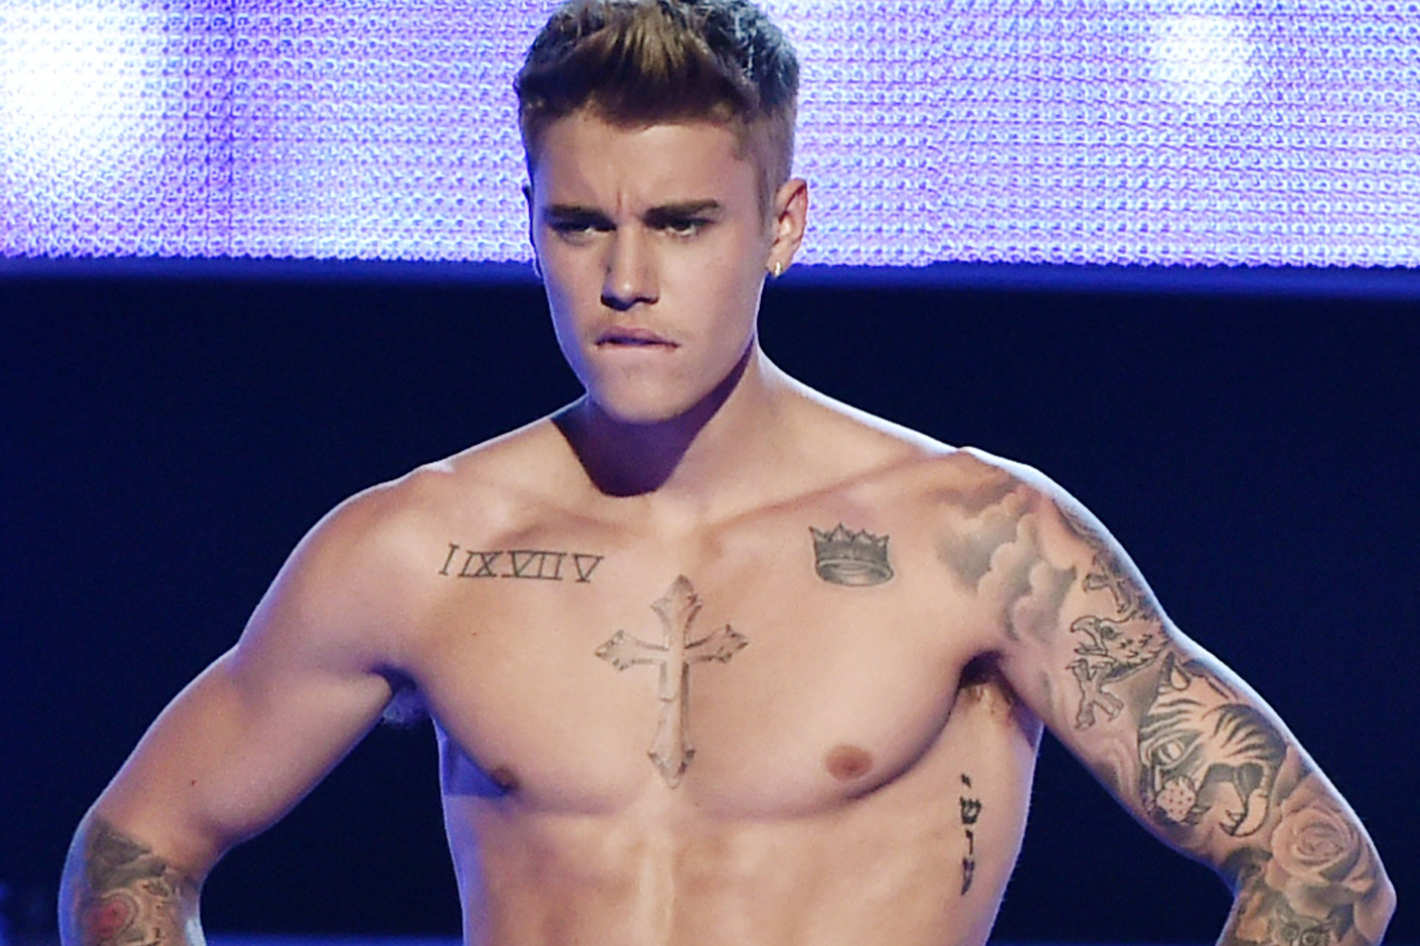 Justin biebr